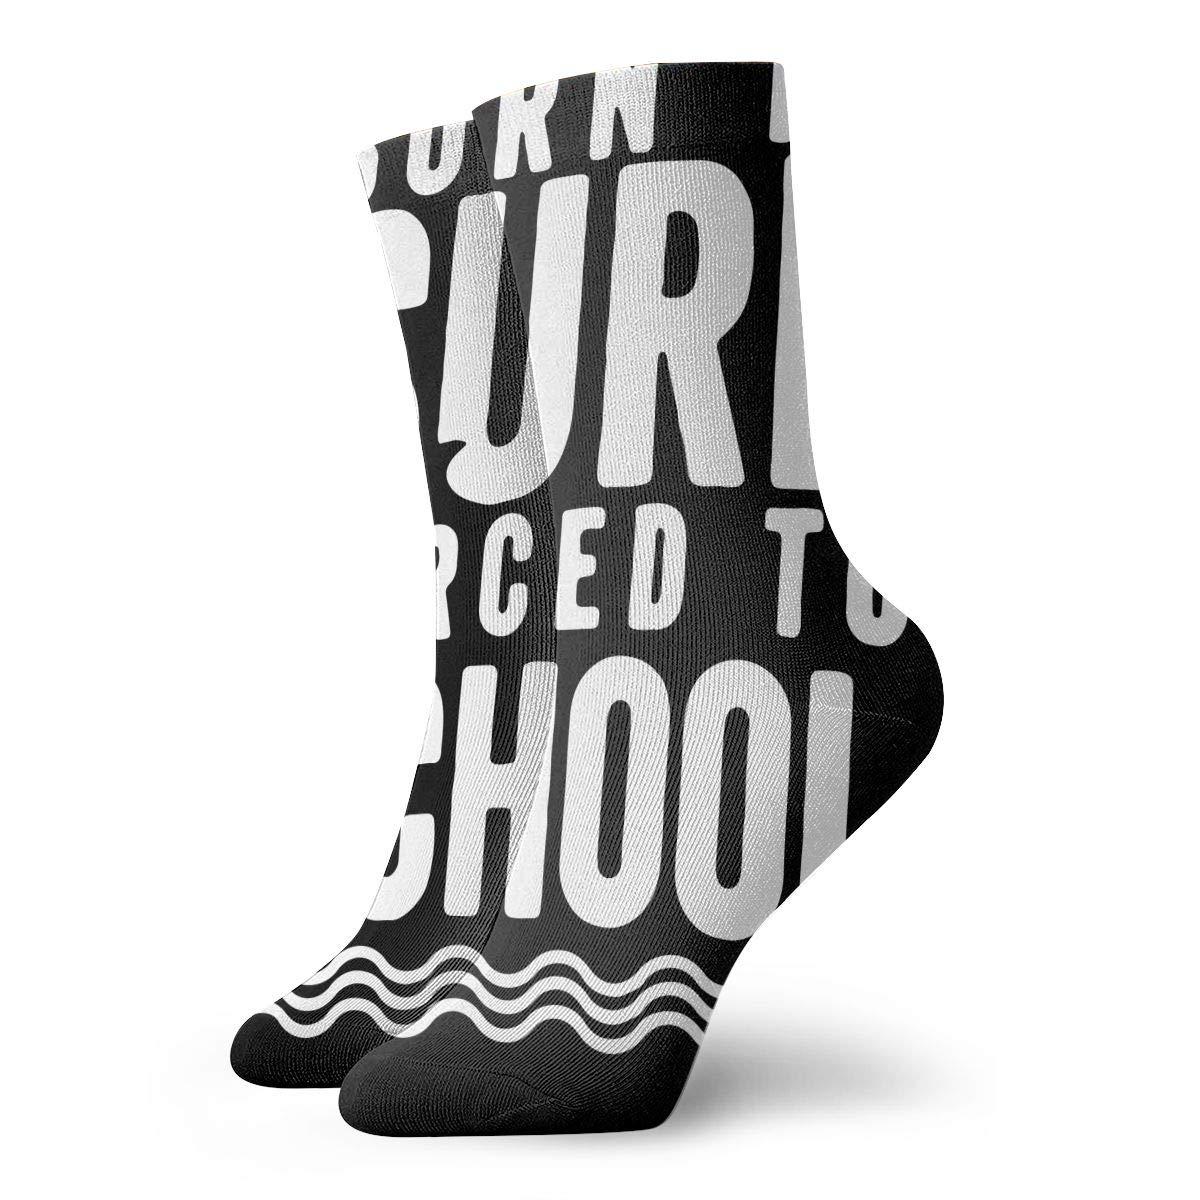 YIEOFH Born to Surf Forced to School Novelty Boys Girls Fashion Cute Funny Casual Art Crew Socks